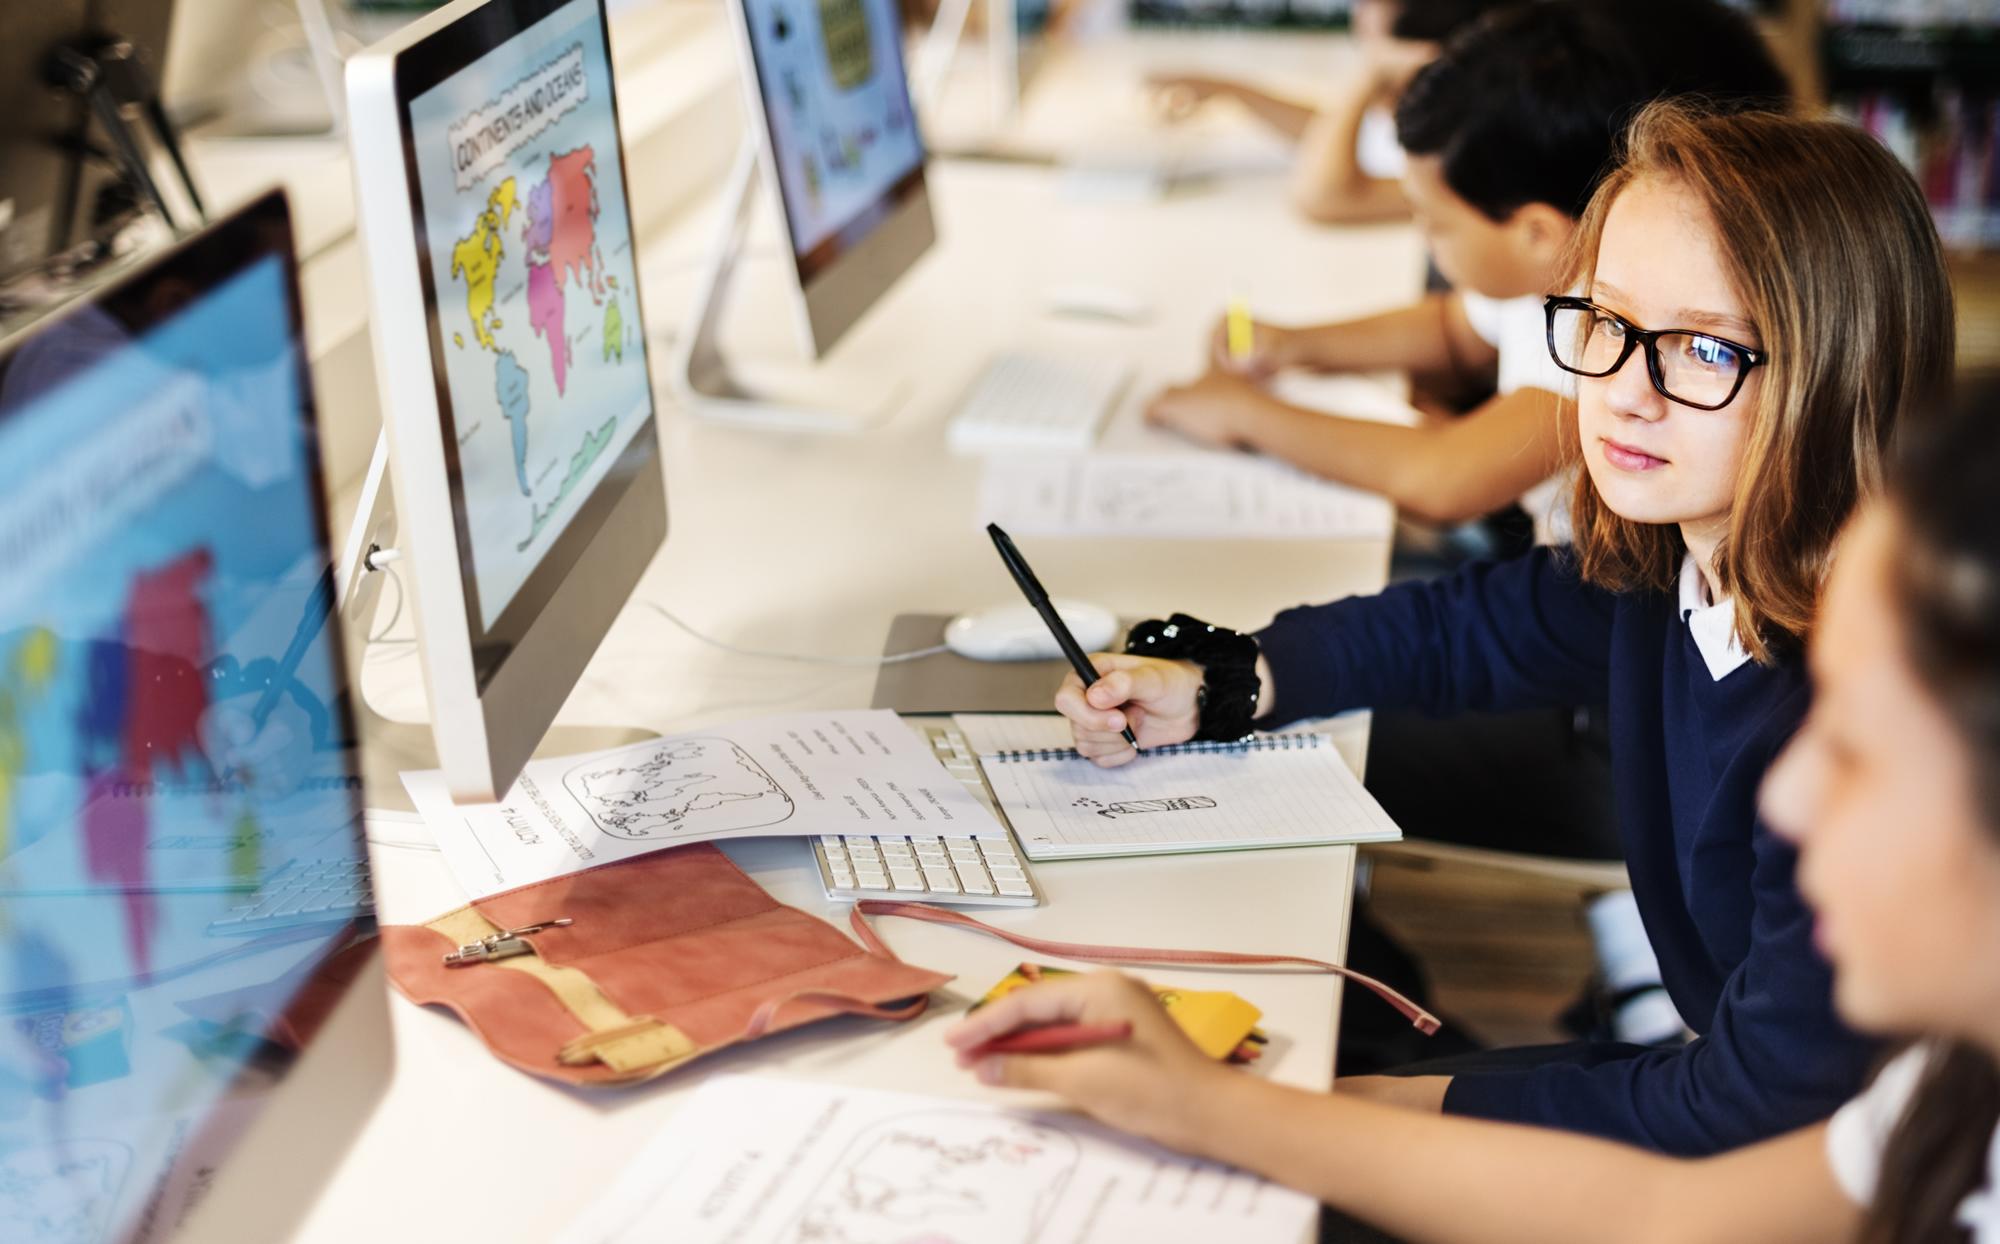 tecnologia e internet no curso de inglês